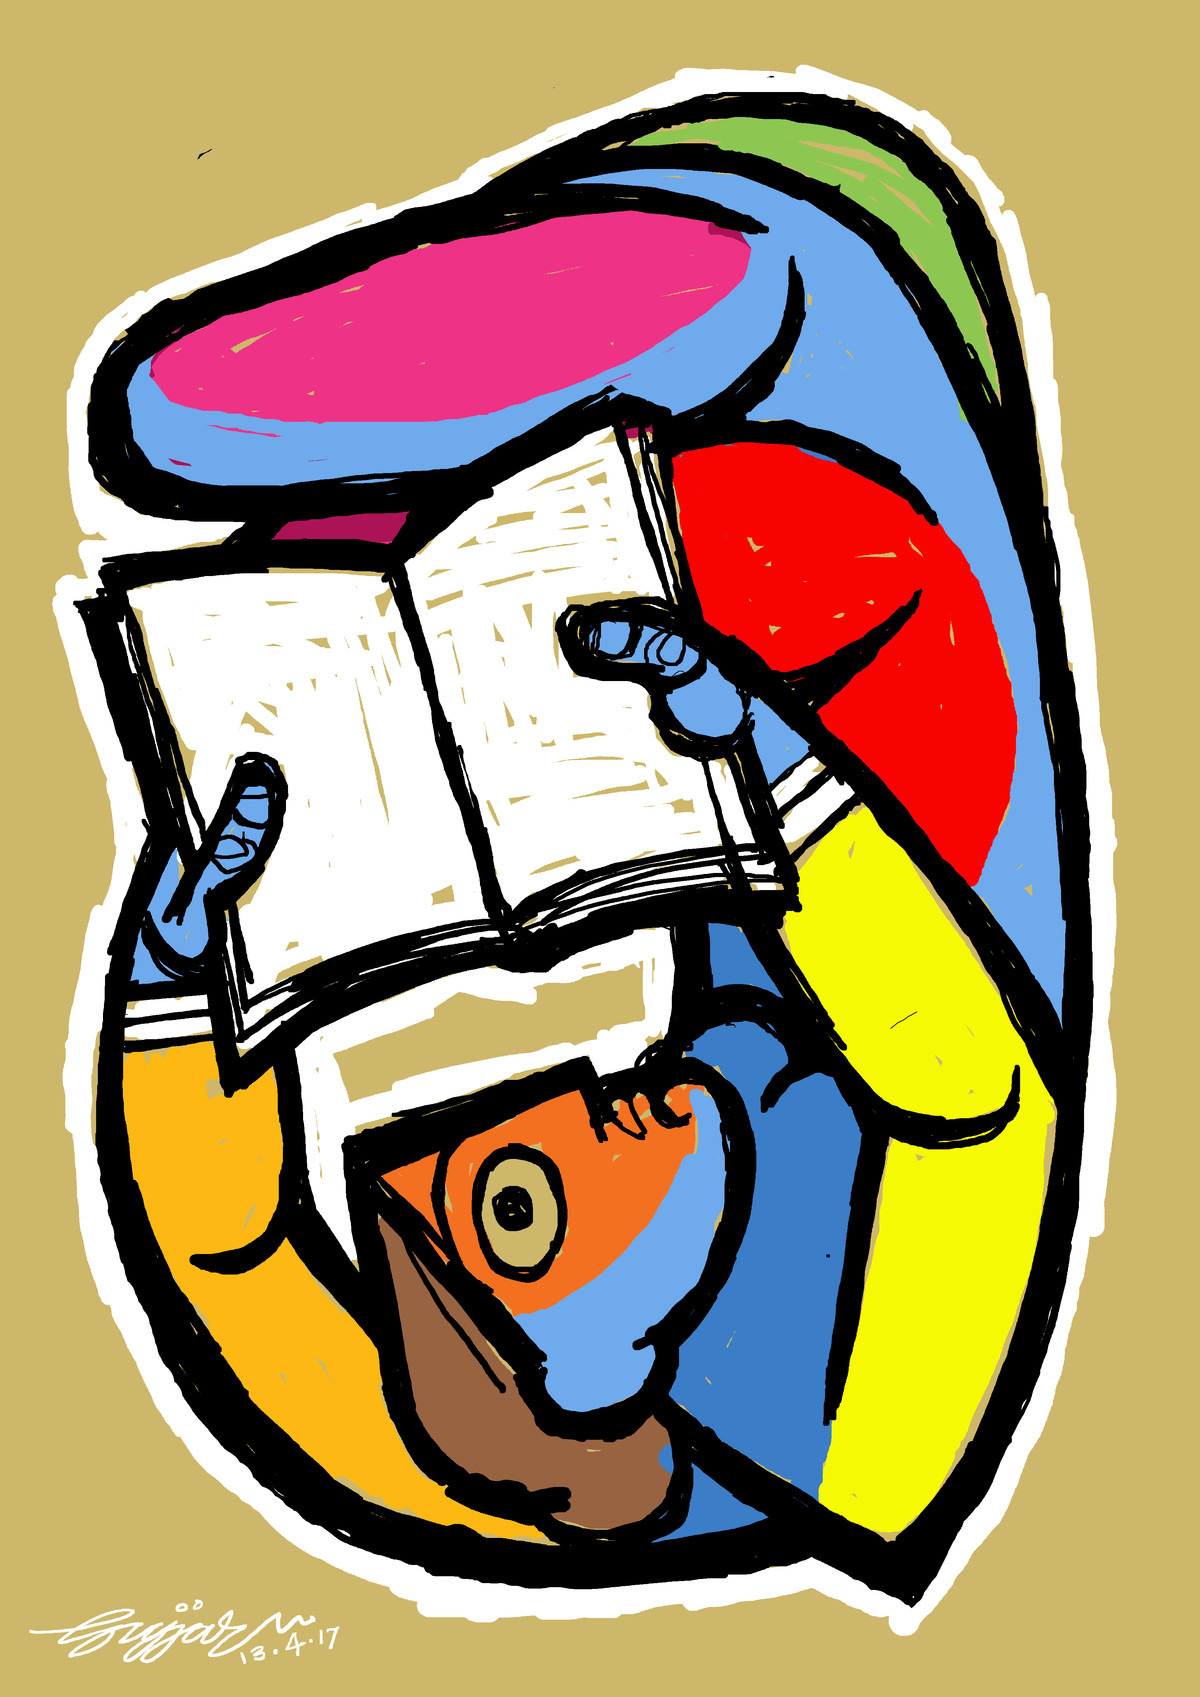 reading by Gujjarappa B G, Digital Digital Art, Digital Print on Canvas, Beige color